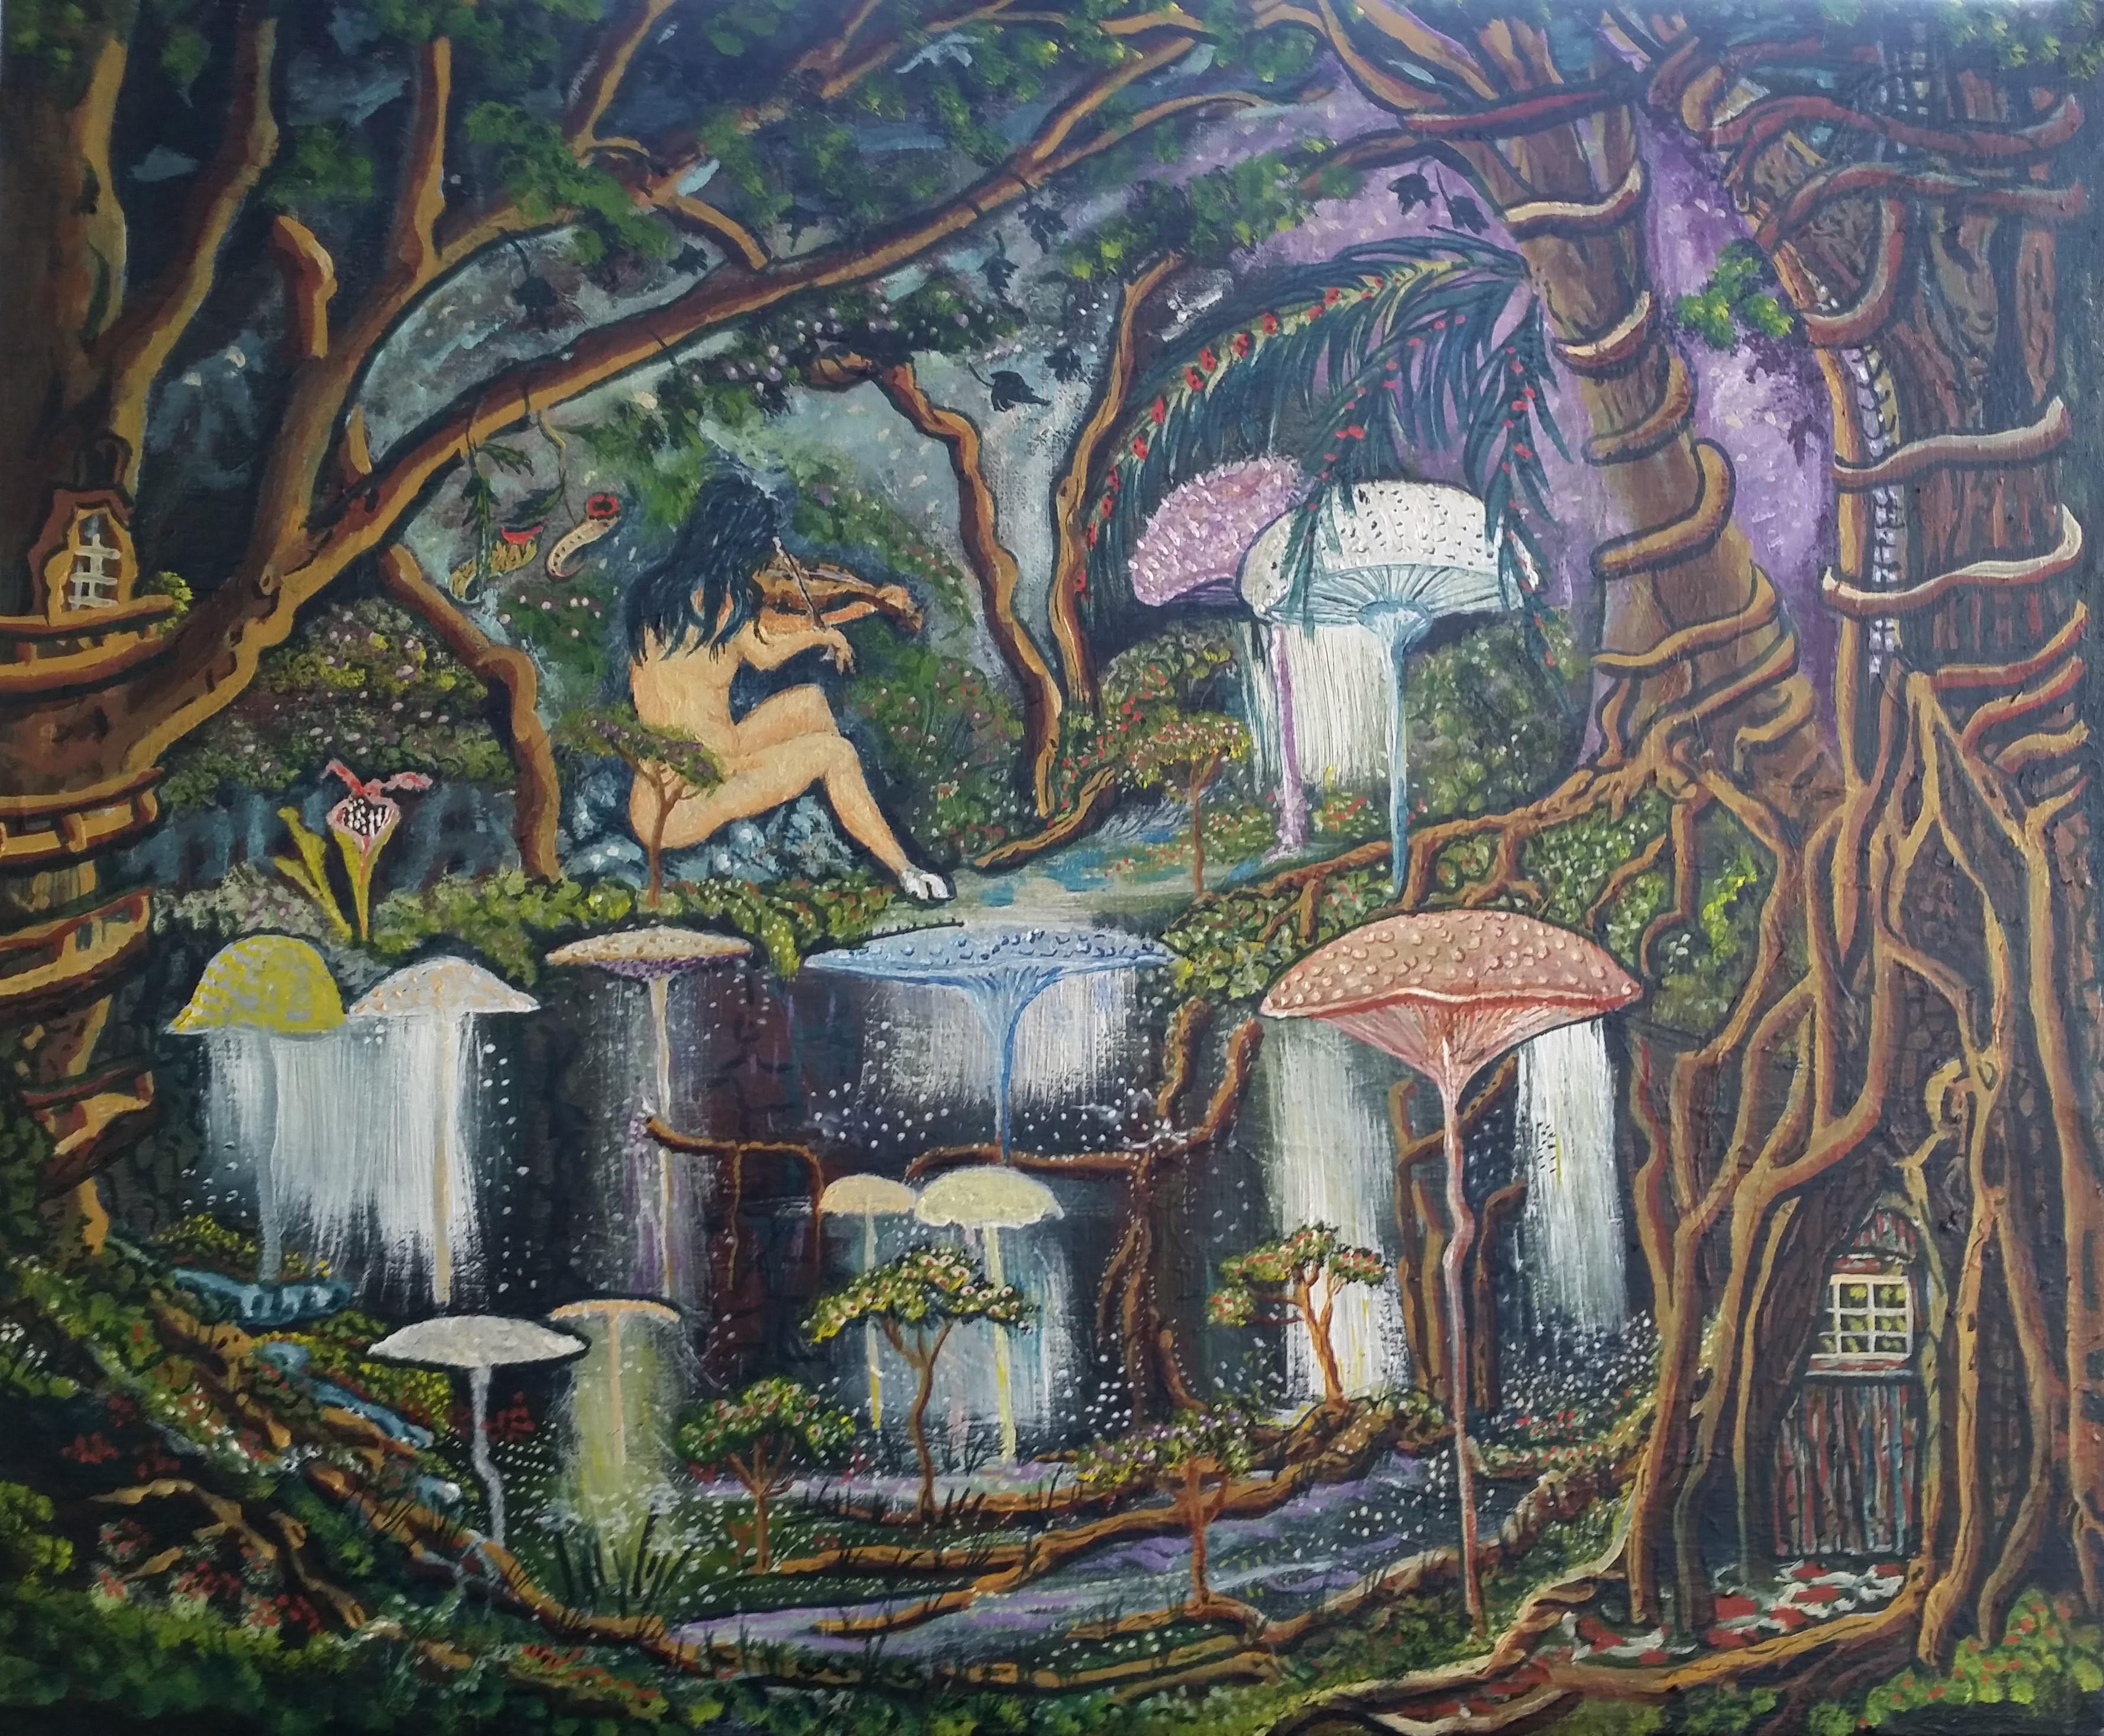 Fond d 39 cran des arbres dessin la peinture for Dessin mural peinture